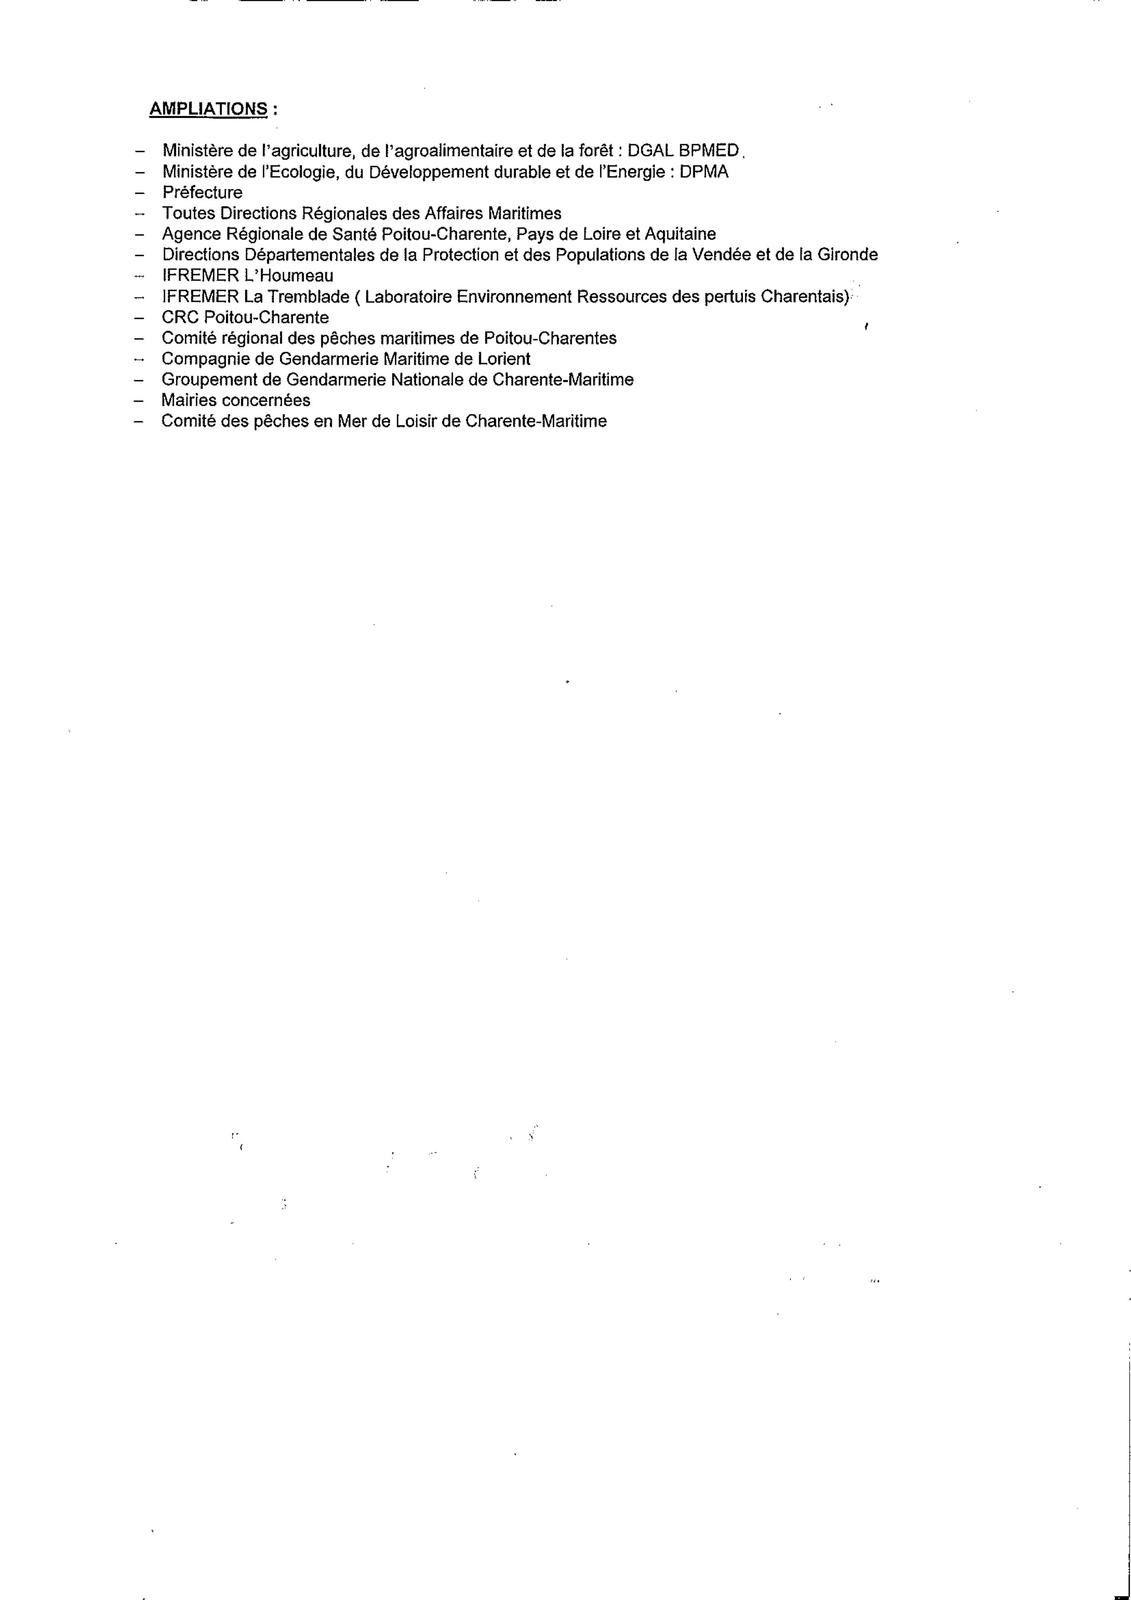 Arrêté préfectoral n° 15-3143 du 25 novembre 2015